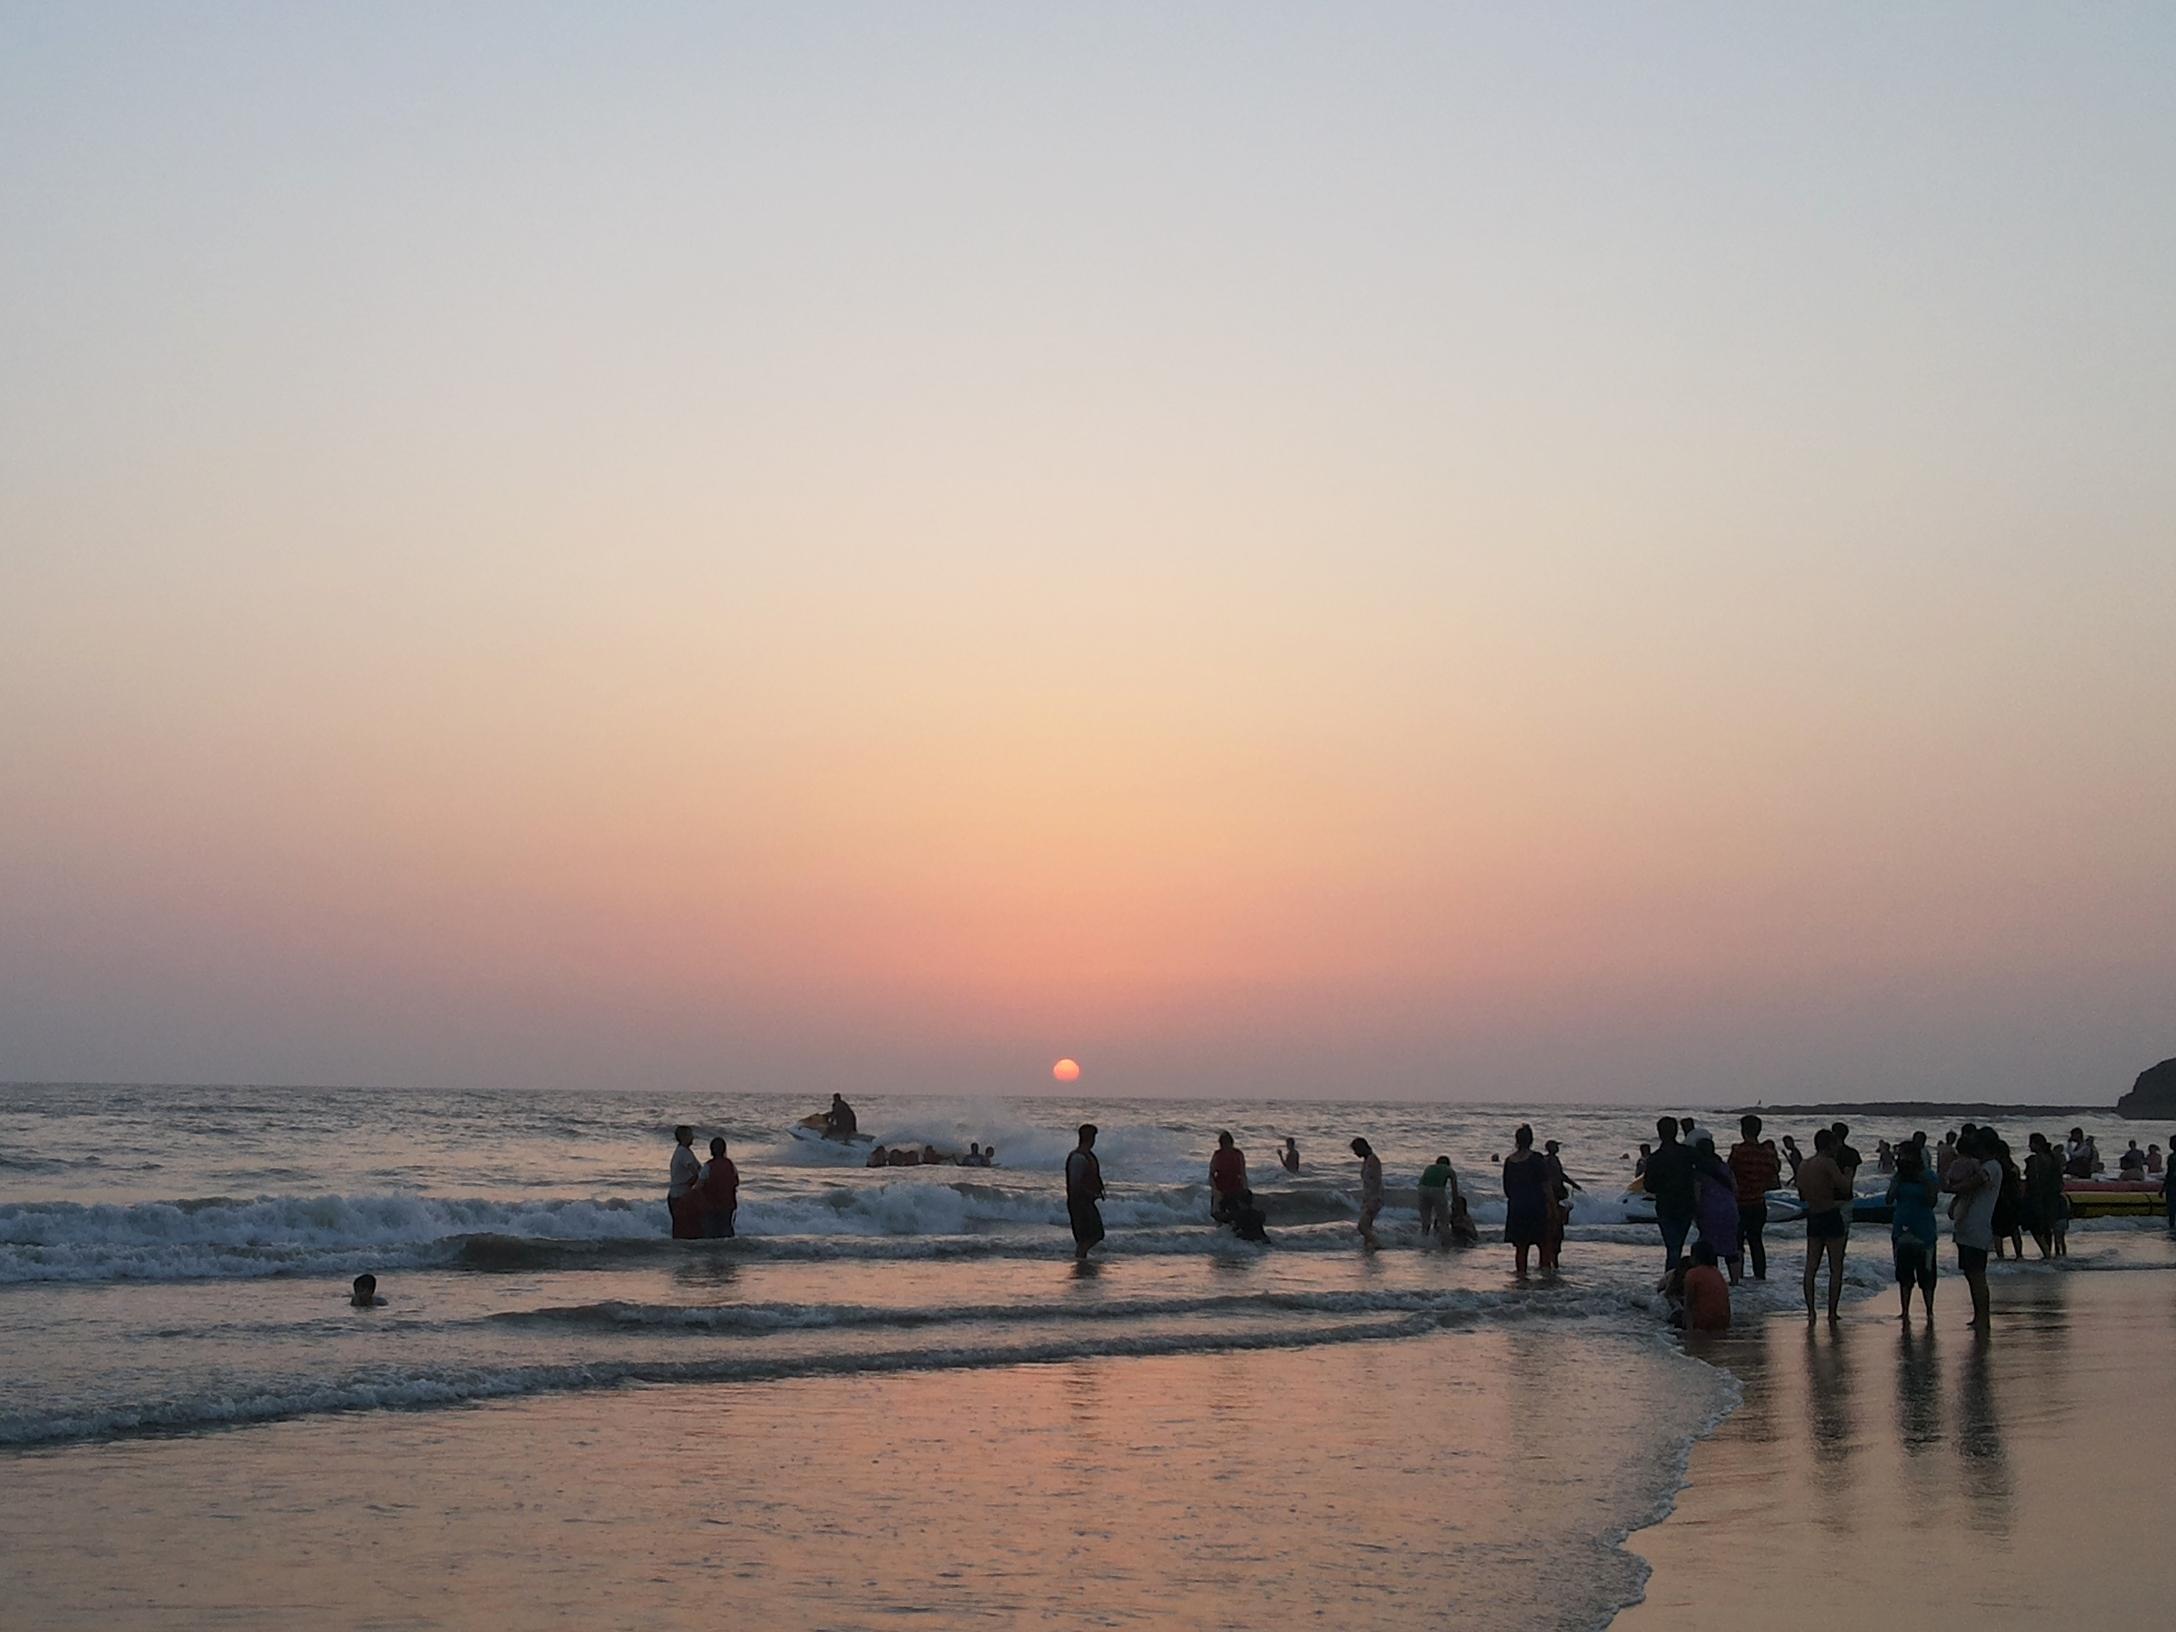 Alibaug - Amazing Beaches in the Konkan Coast of Maharashtra